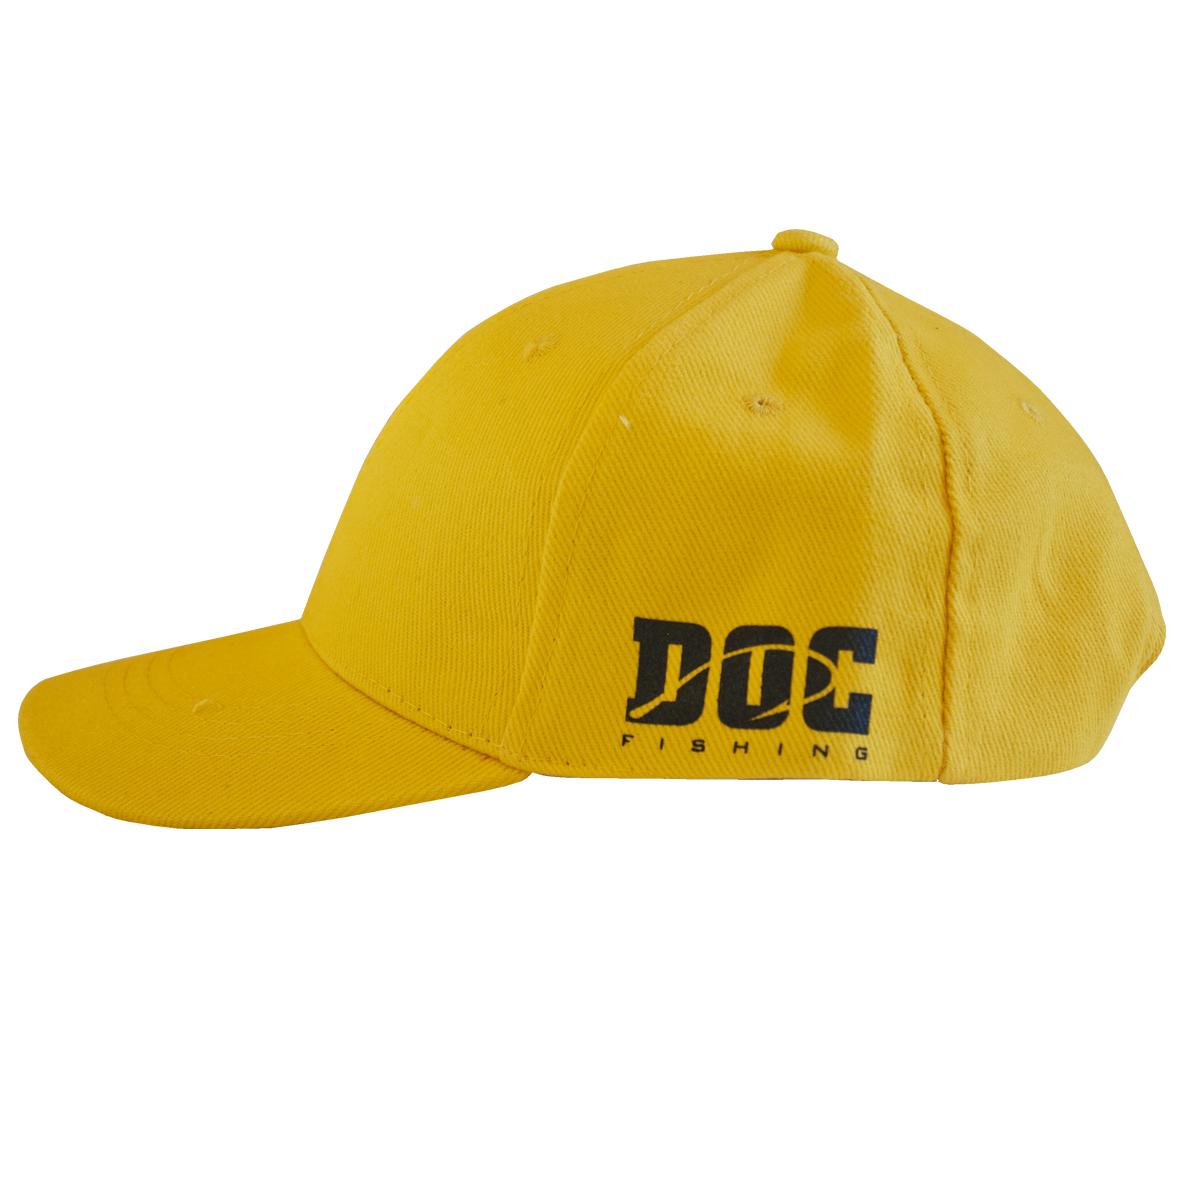 Čepice DOC dětská - žlutá